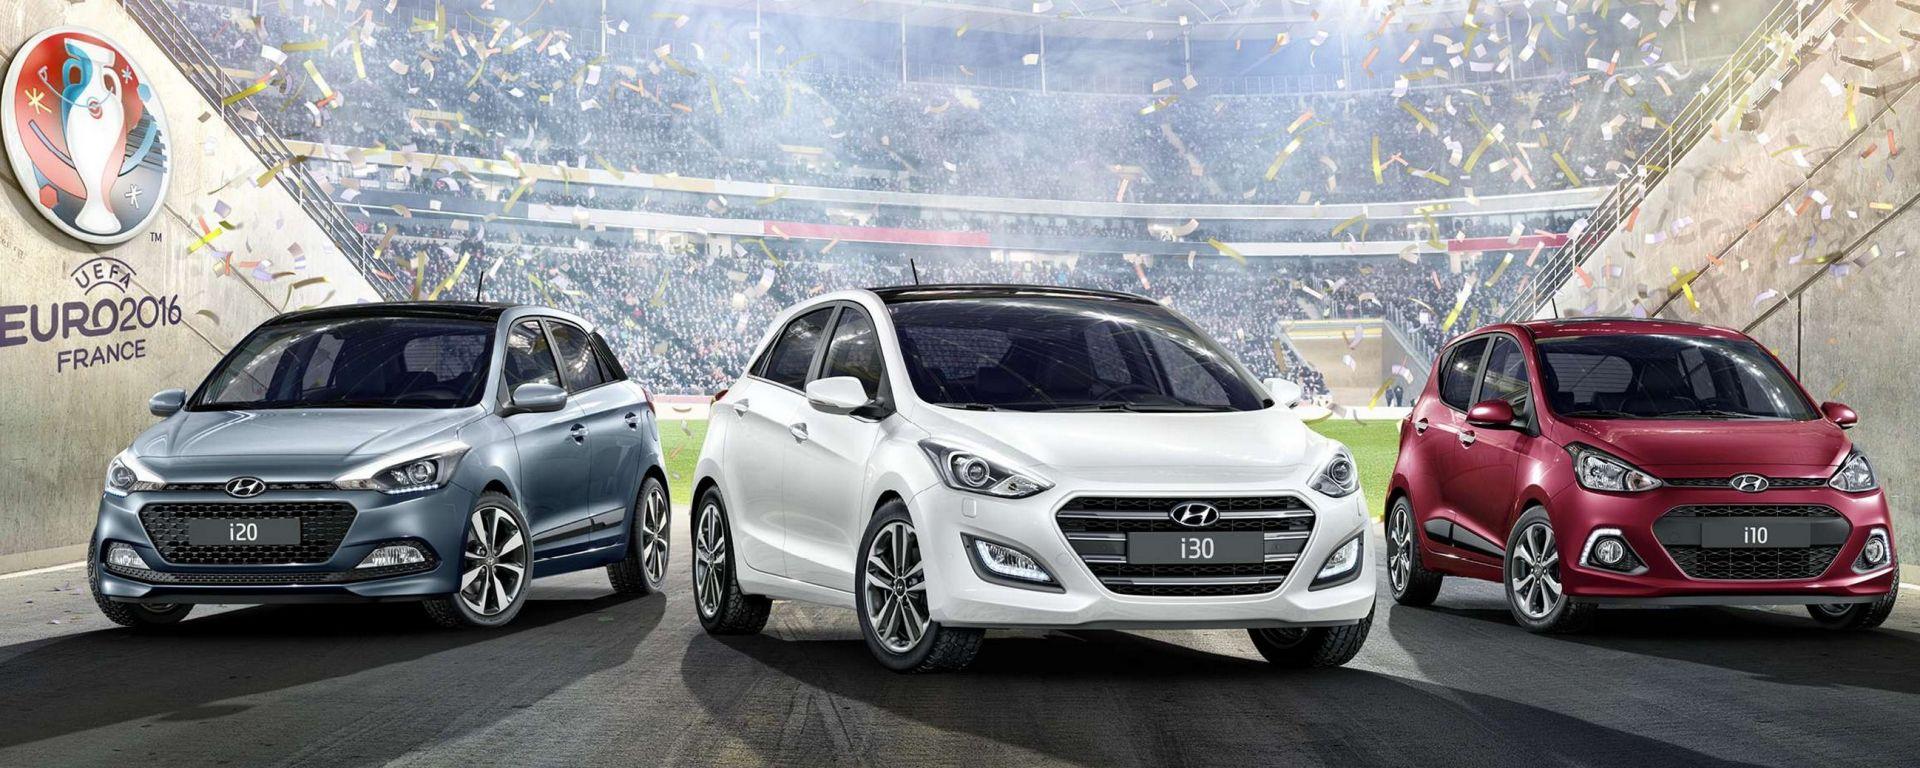 Hyundai Go! Edition: l'edizione limitata dedicata agli Europei di calcio